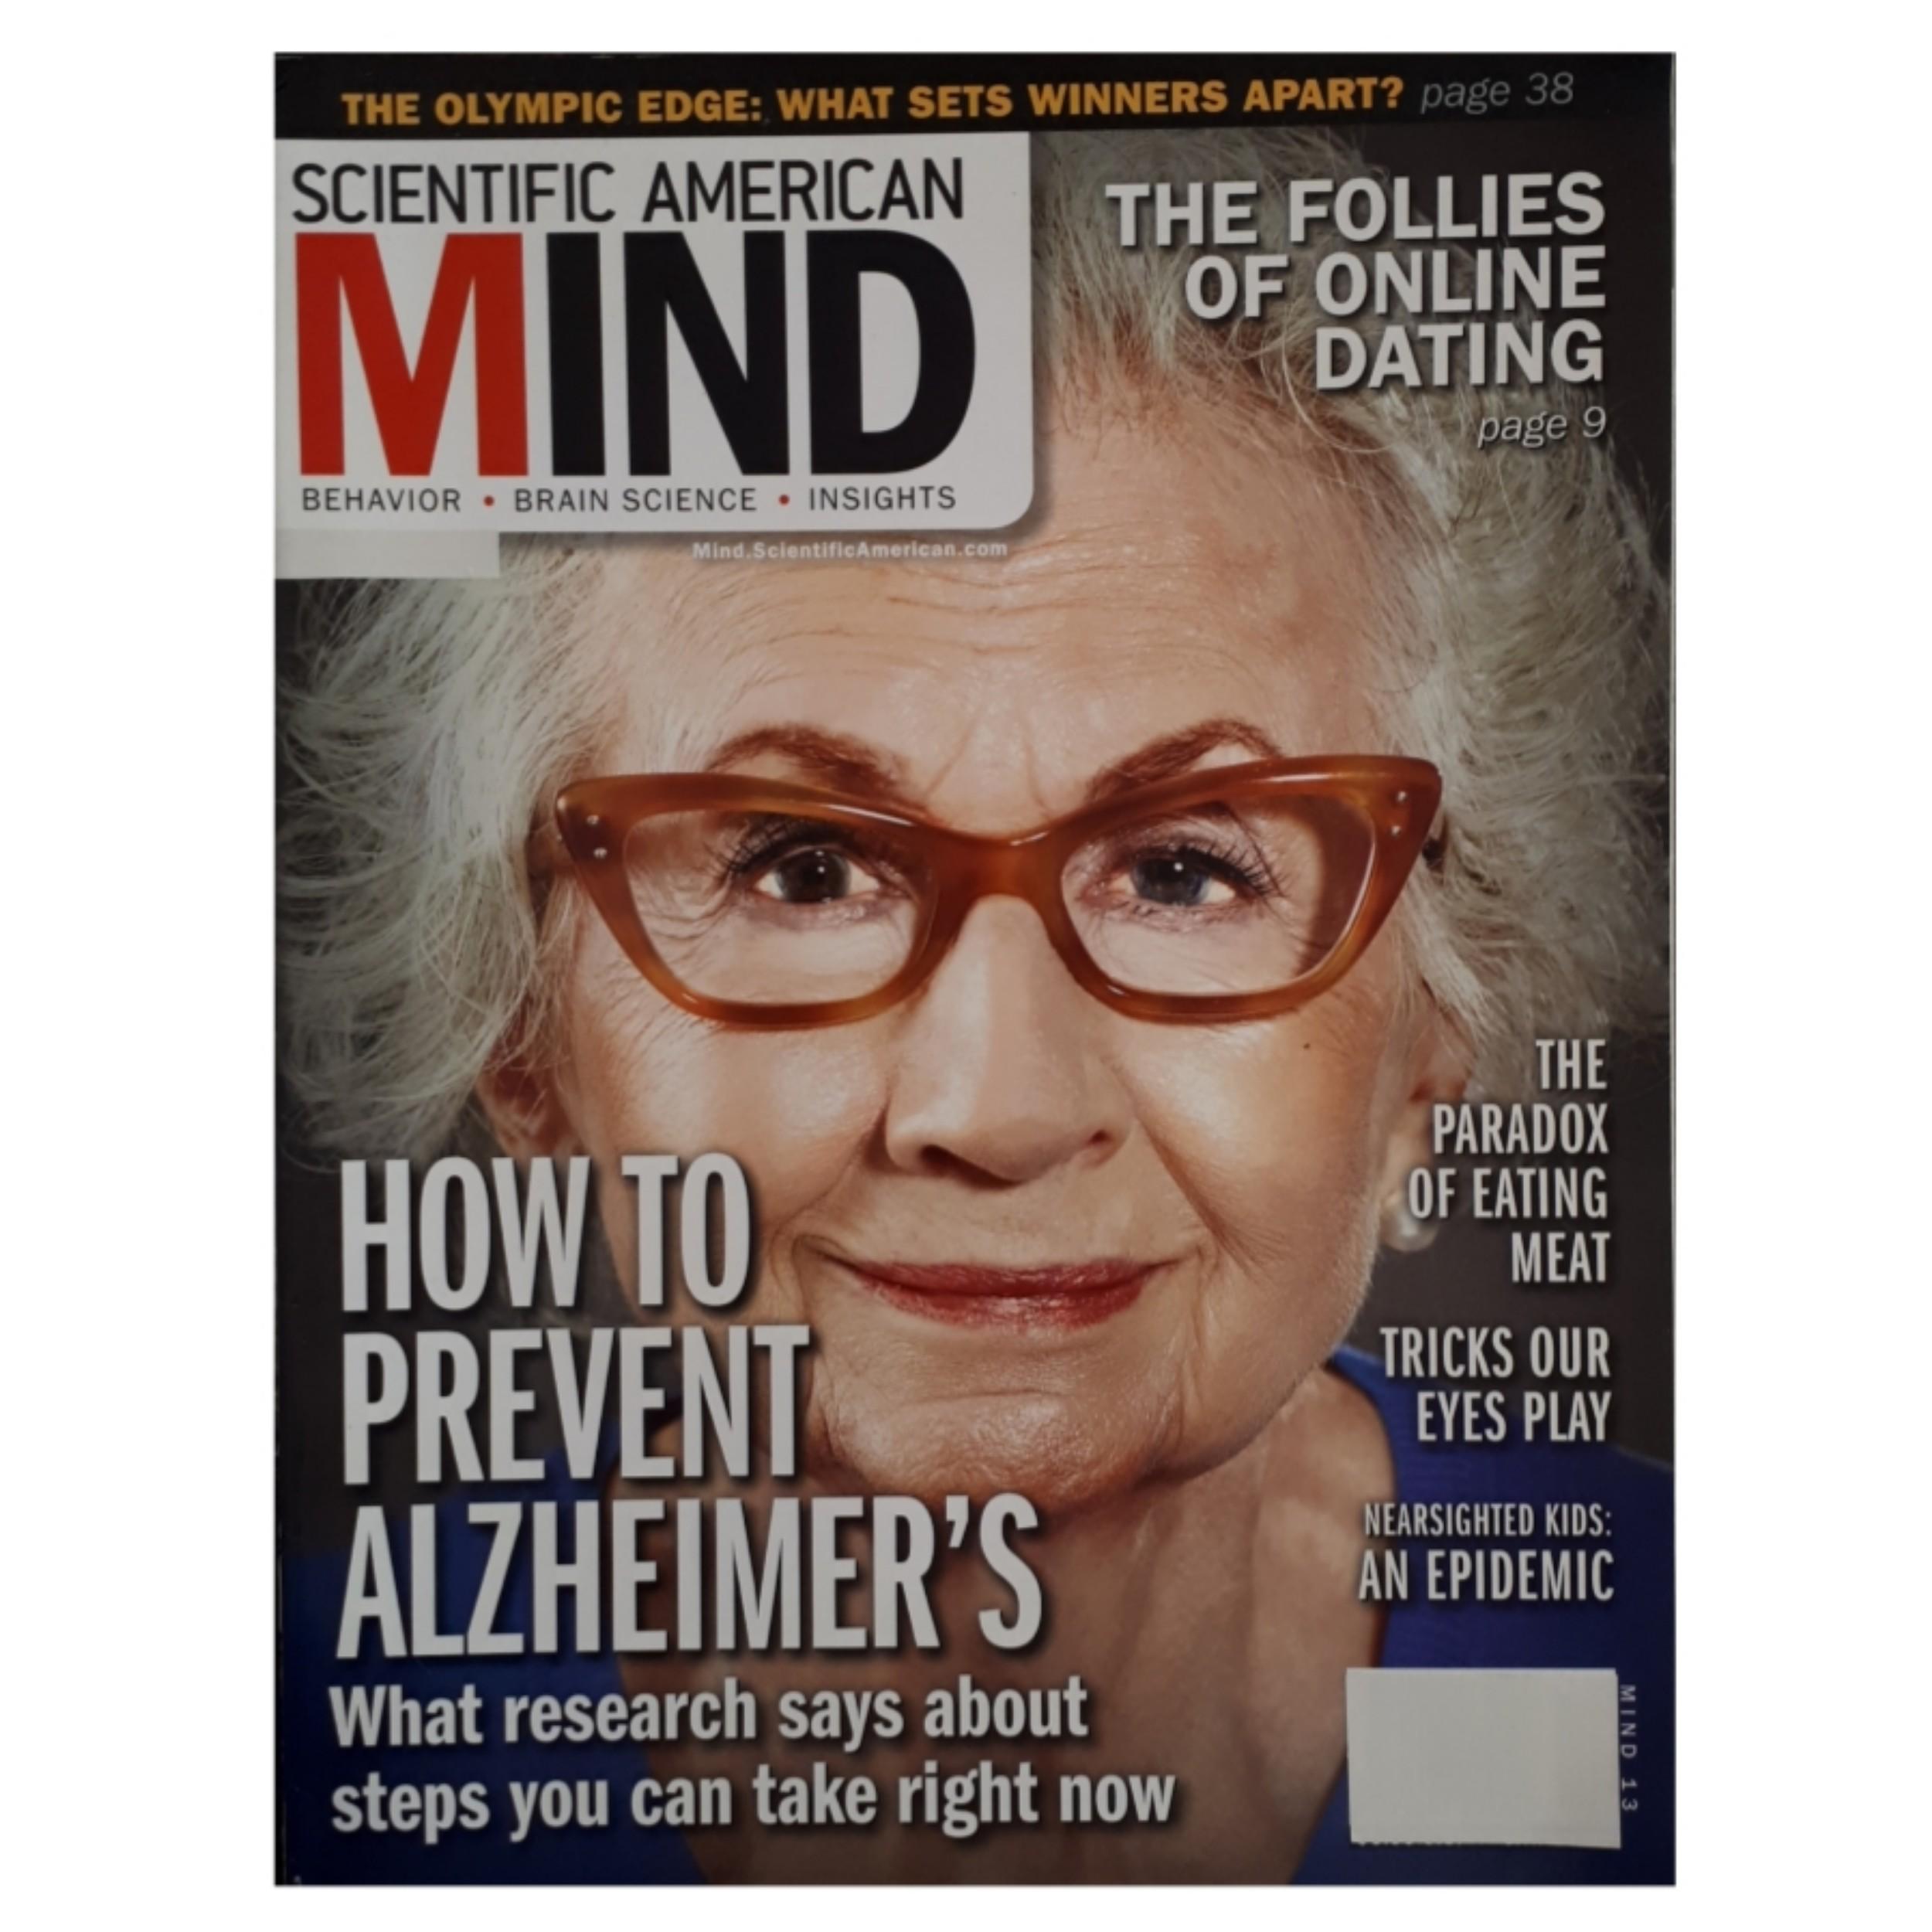 مجله ساینتیفیک امریکن آگوست 2016 thumb